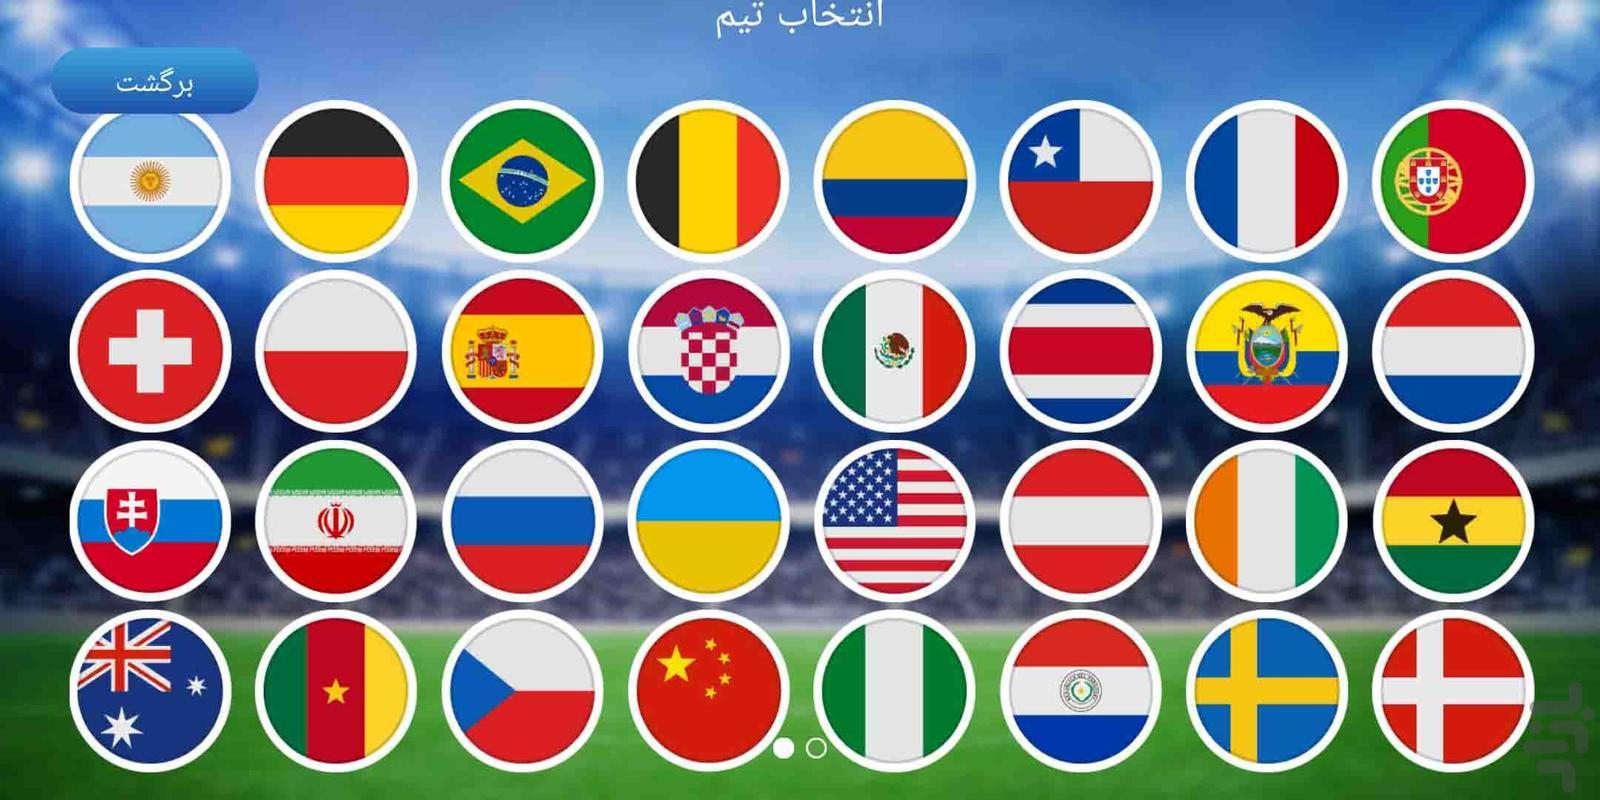 بازی فوتبال ضربه آزاد - عکس بازی موبایلی اندروید